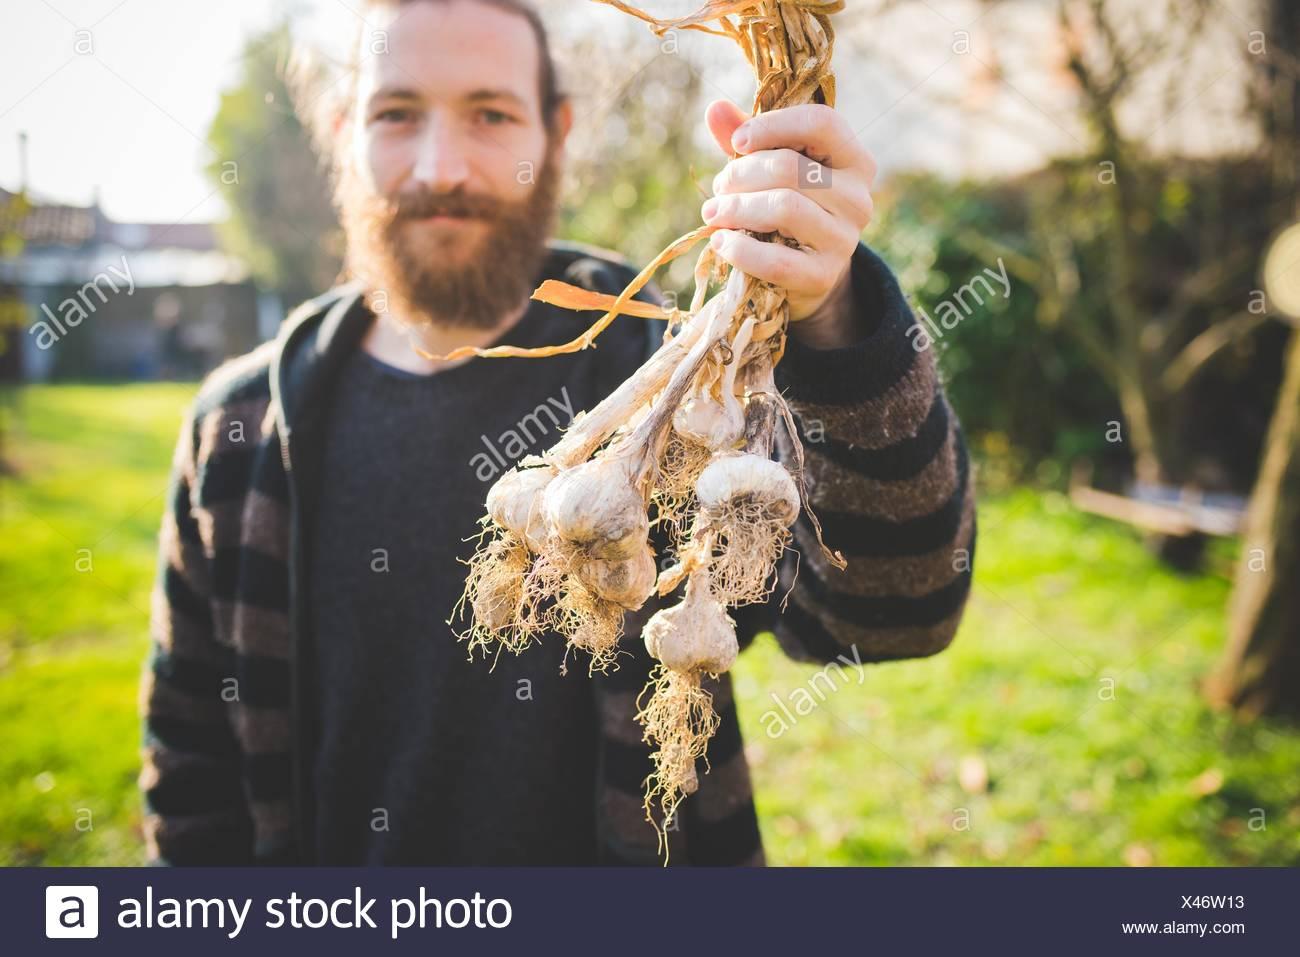 Barbuto metà uomo adulto in giardino azienda appena raccolte bulbi di aglio guardando sorridente della fotocamera Immagini Stock